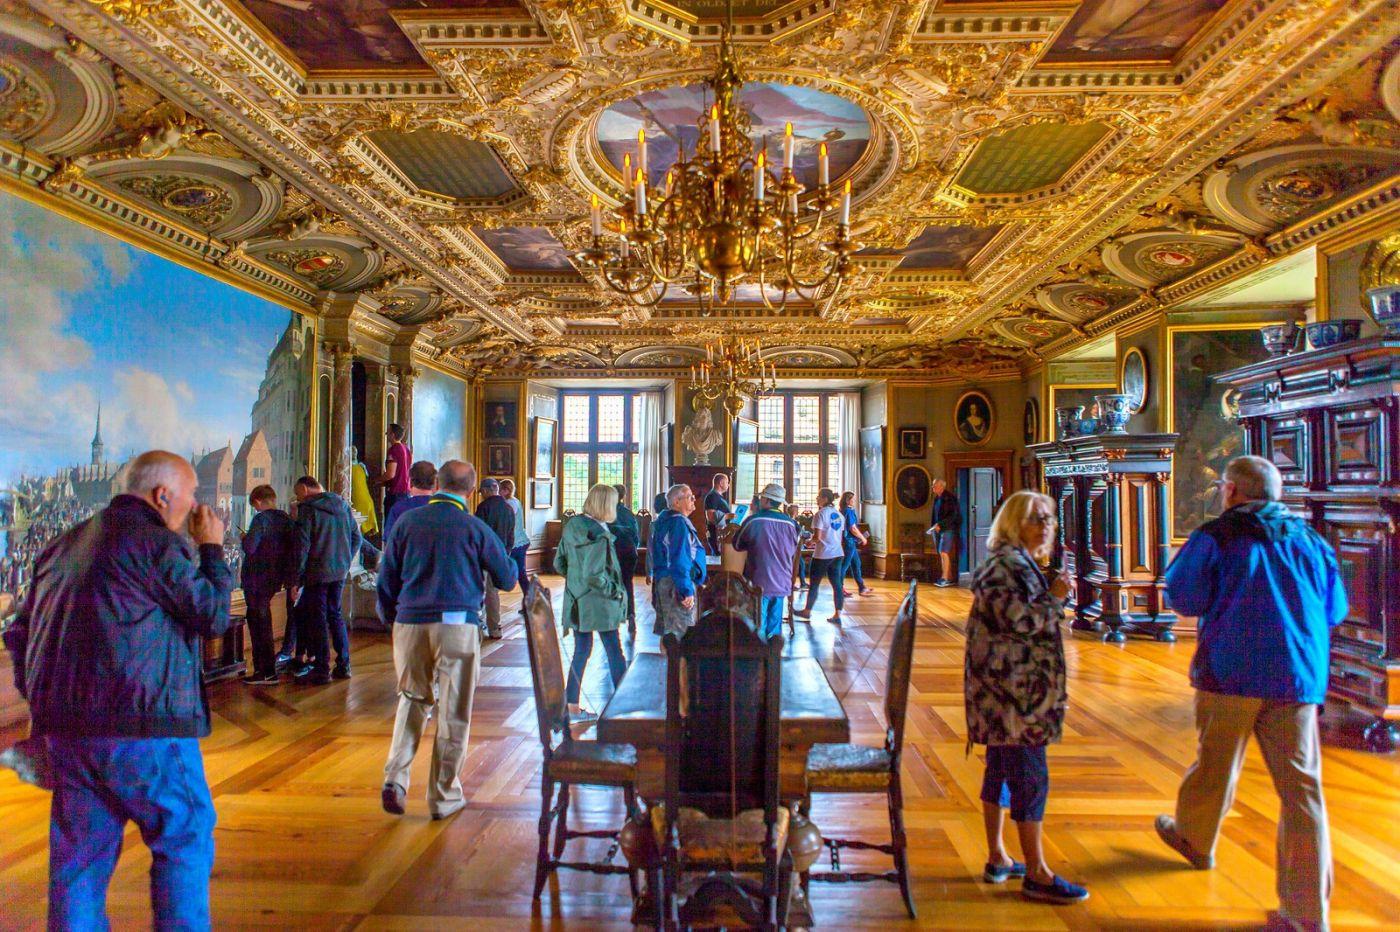 丹麦腓特烈堡城堡,金碧辉煌的大厅_图1-7